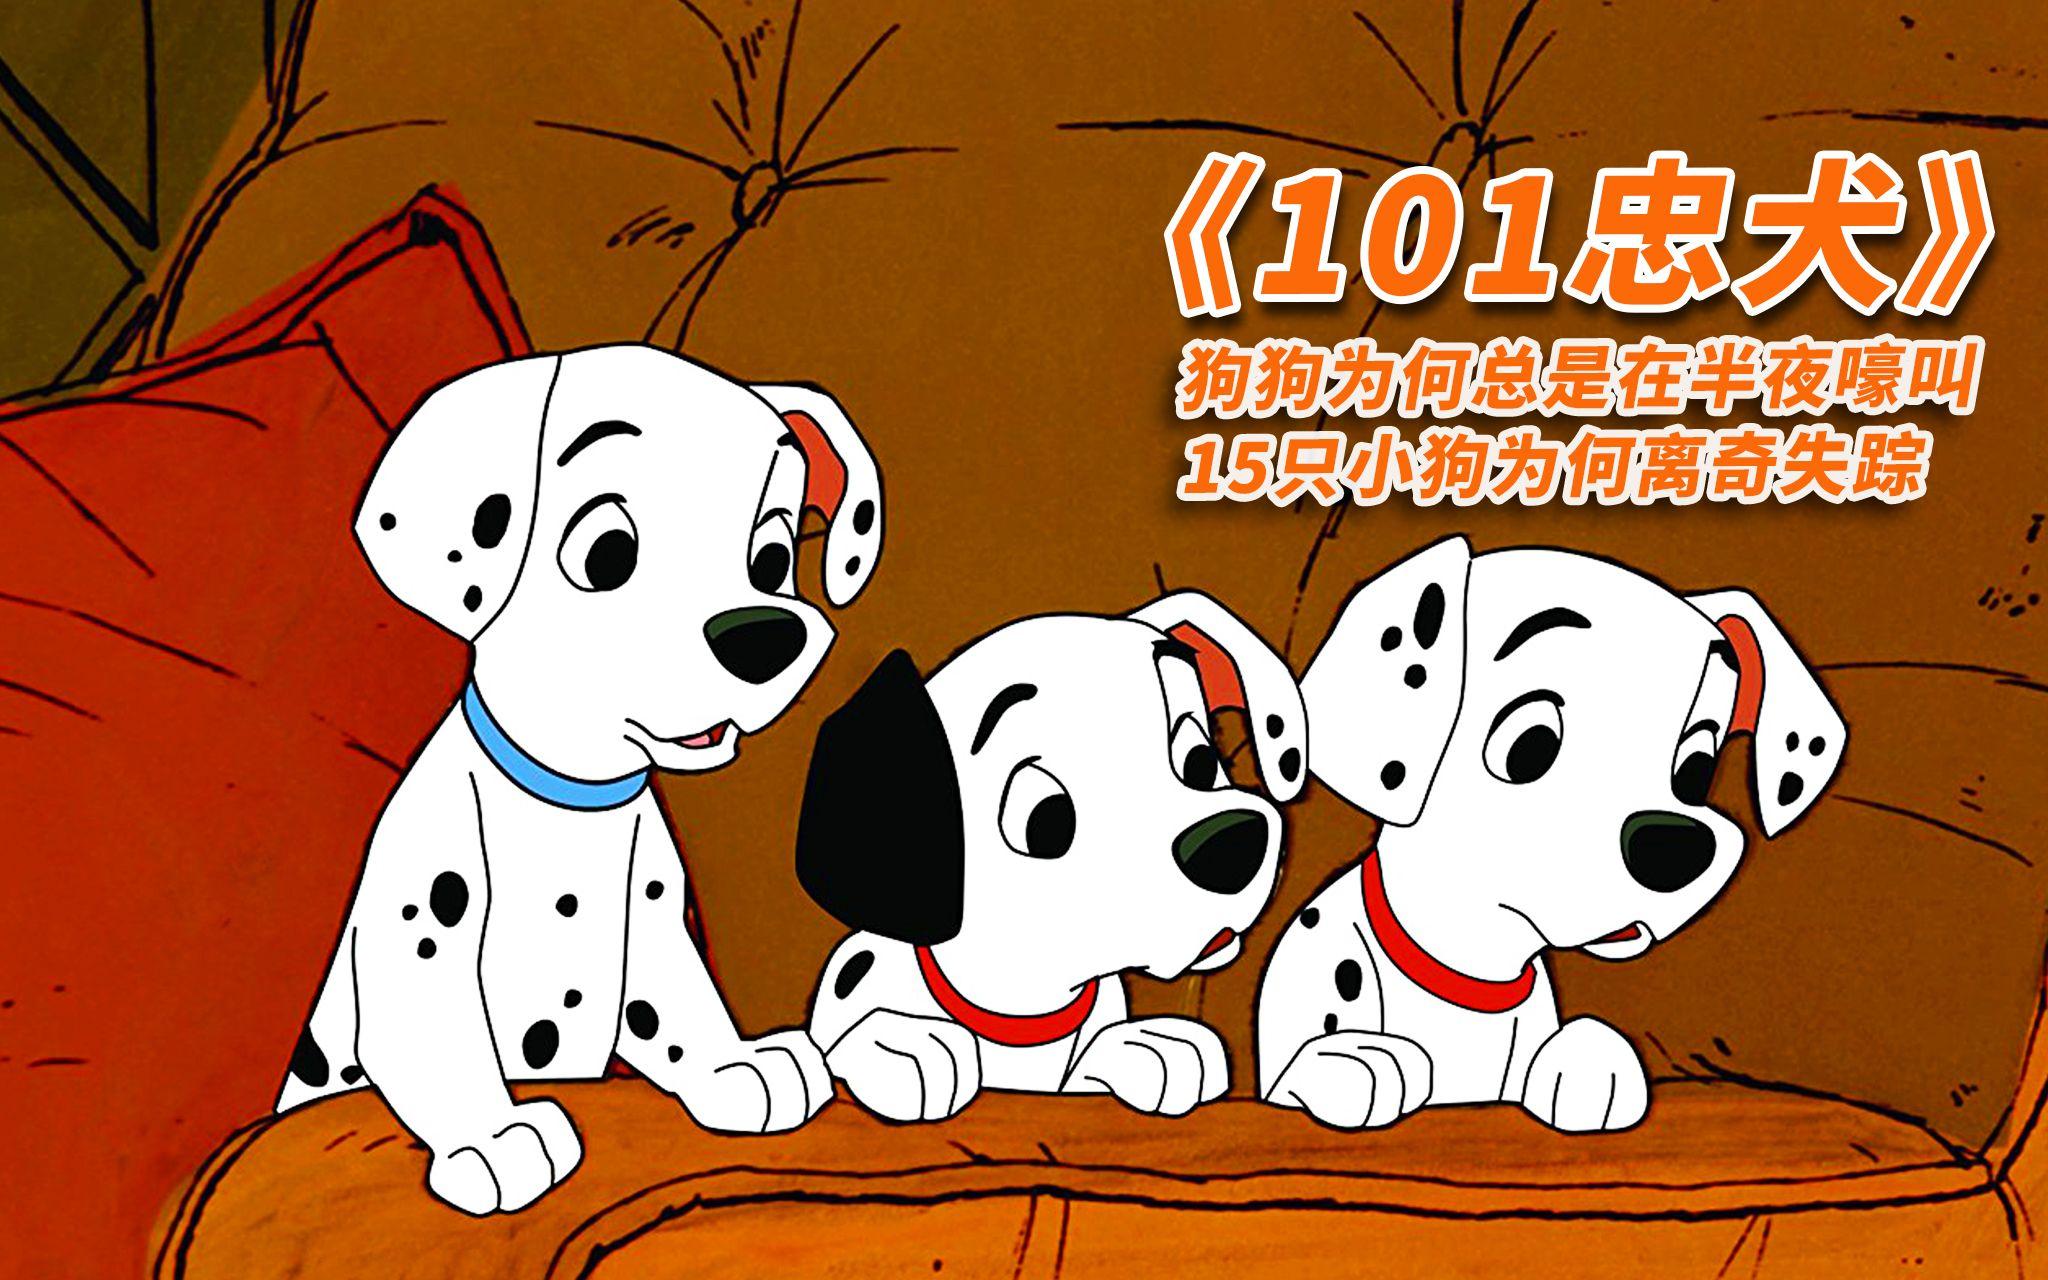 富婆找来99只斑点狗,却残忍的要扒皮做狗皮大衣,90后的童年动画